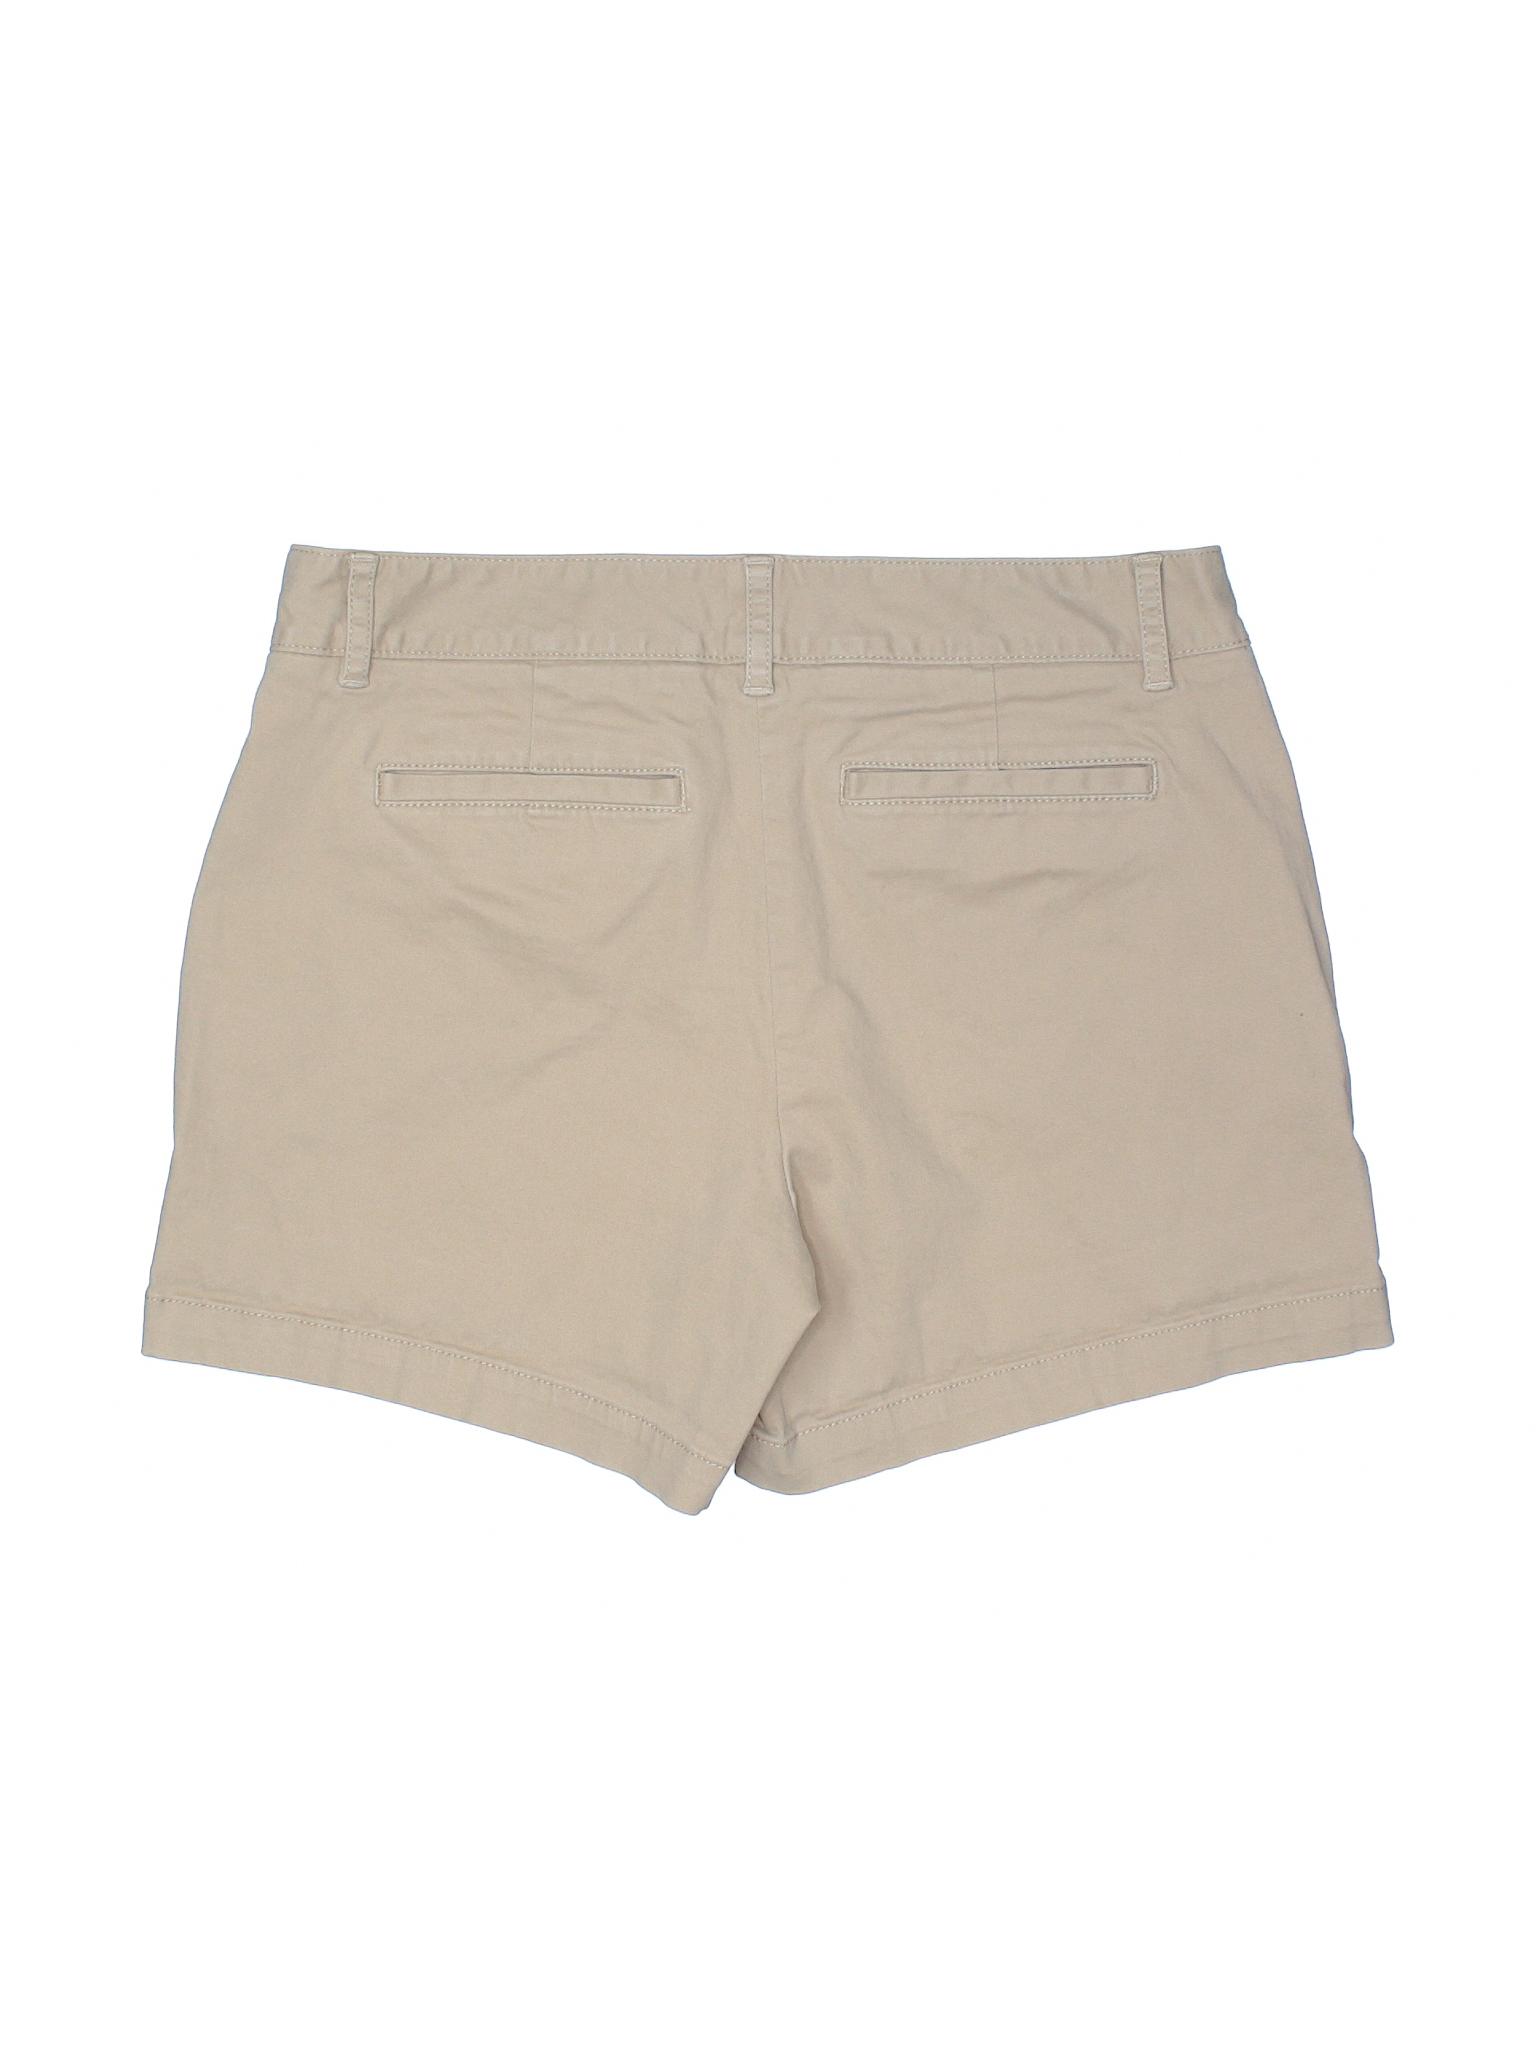 Boutique Lands' Khaki Shorts End Khaki Lands' Boutique Shorts End rR0WwPUdrq